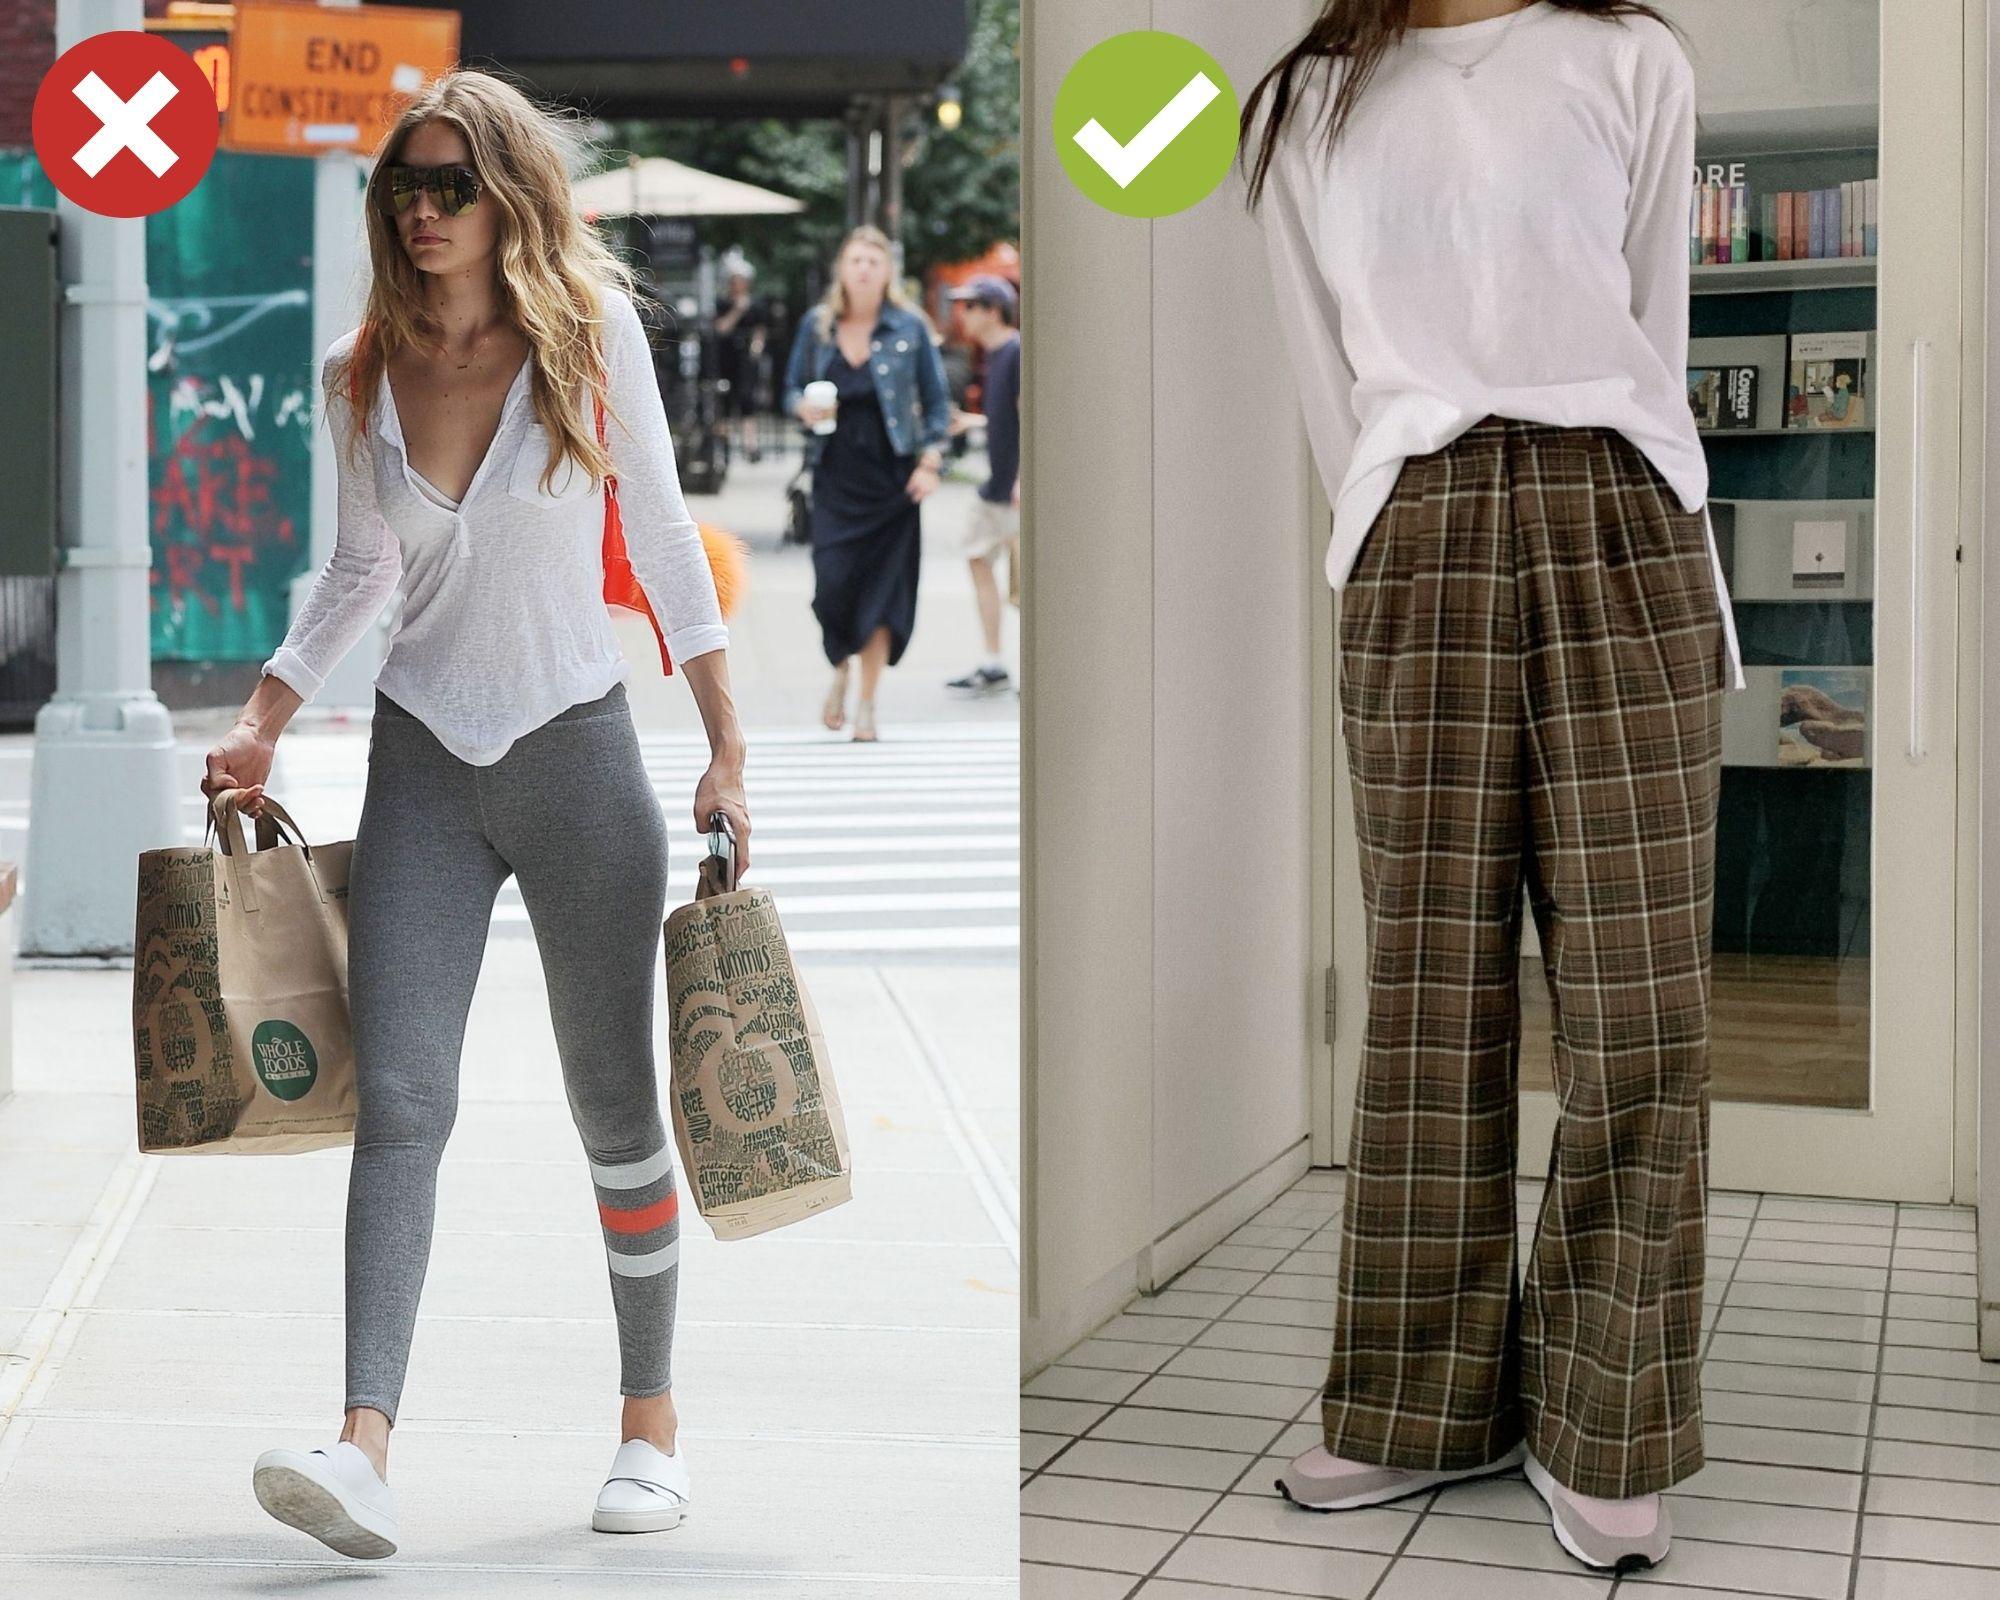 BTV thời trang chỉ ra 4 items cô nhất quyết không diện Xuân này: Toàn những món khó để mặc đẹp, dễ làm sa sút phong cách - Ảnh 1.